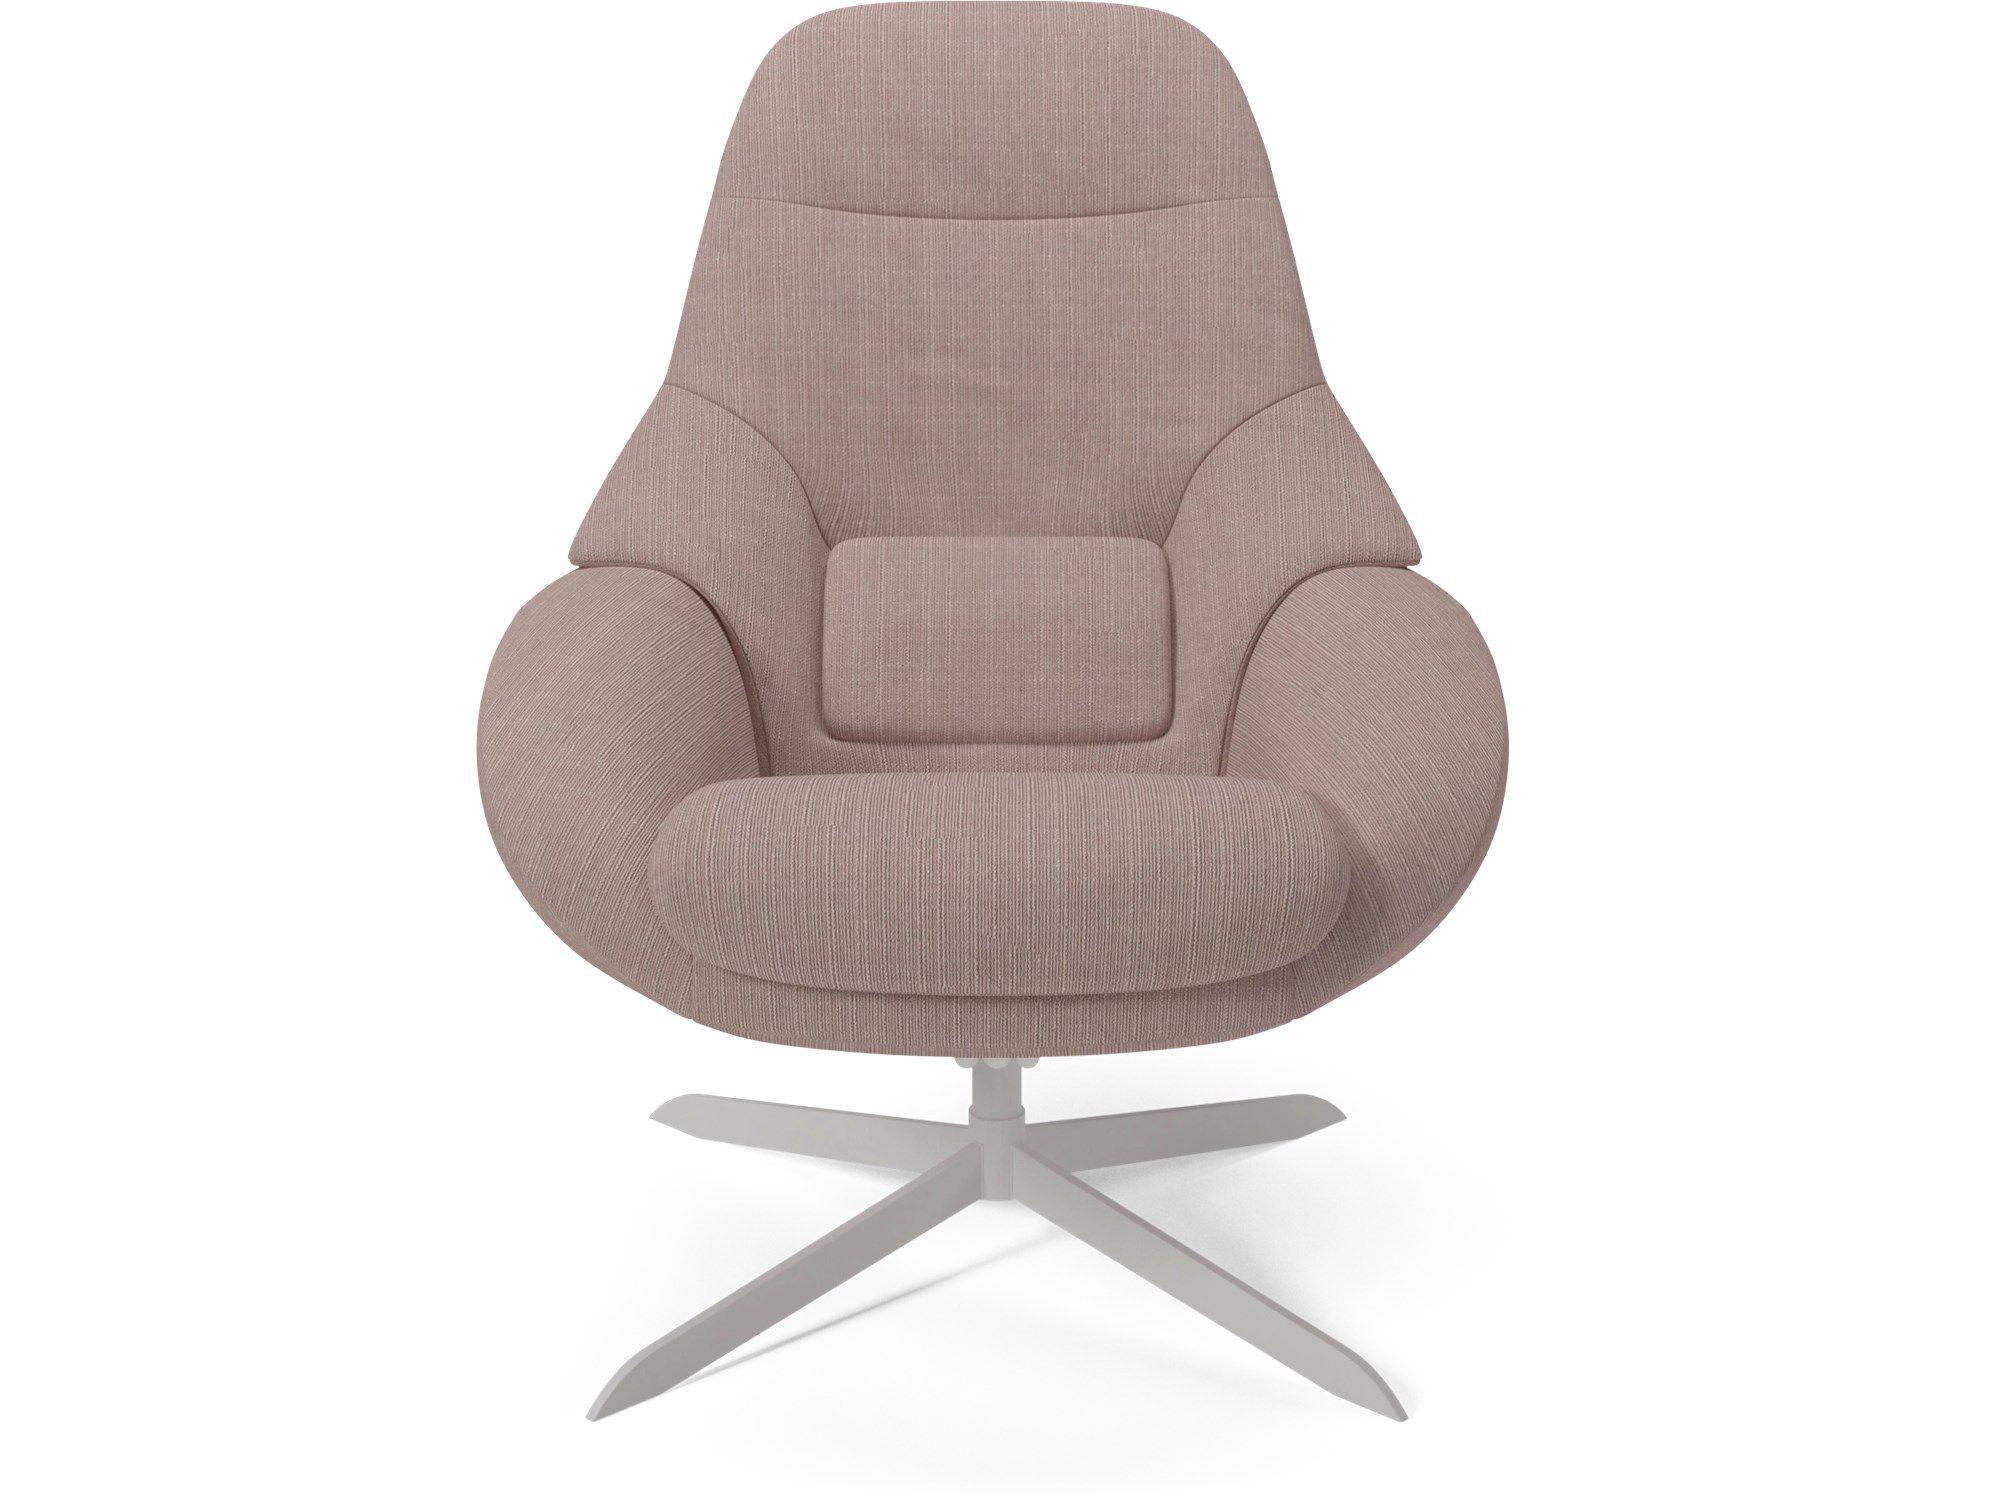 der saga sessel ist sch n und bequem und l dt zum tr umen ein der fokus der beiden designer lag. Black Bedroom Furniture Sets. Home Design Ideas